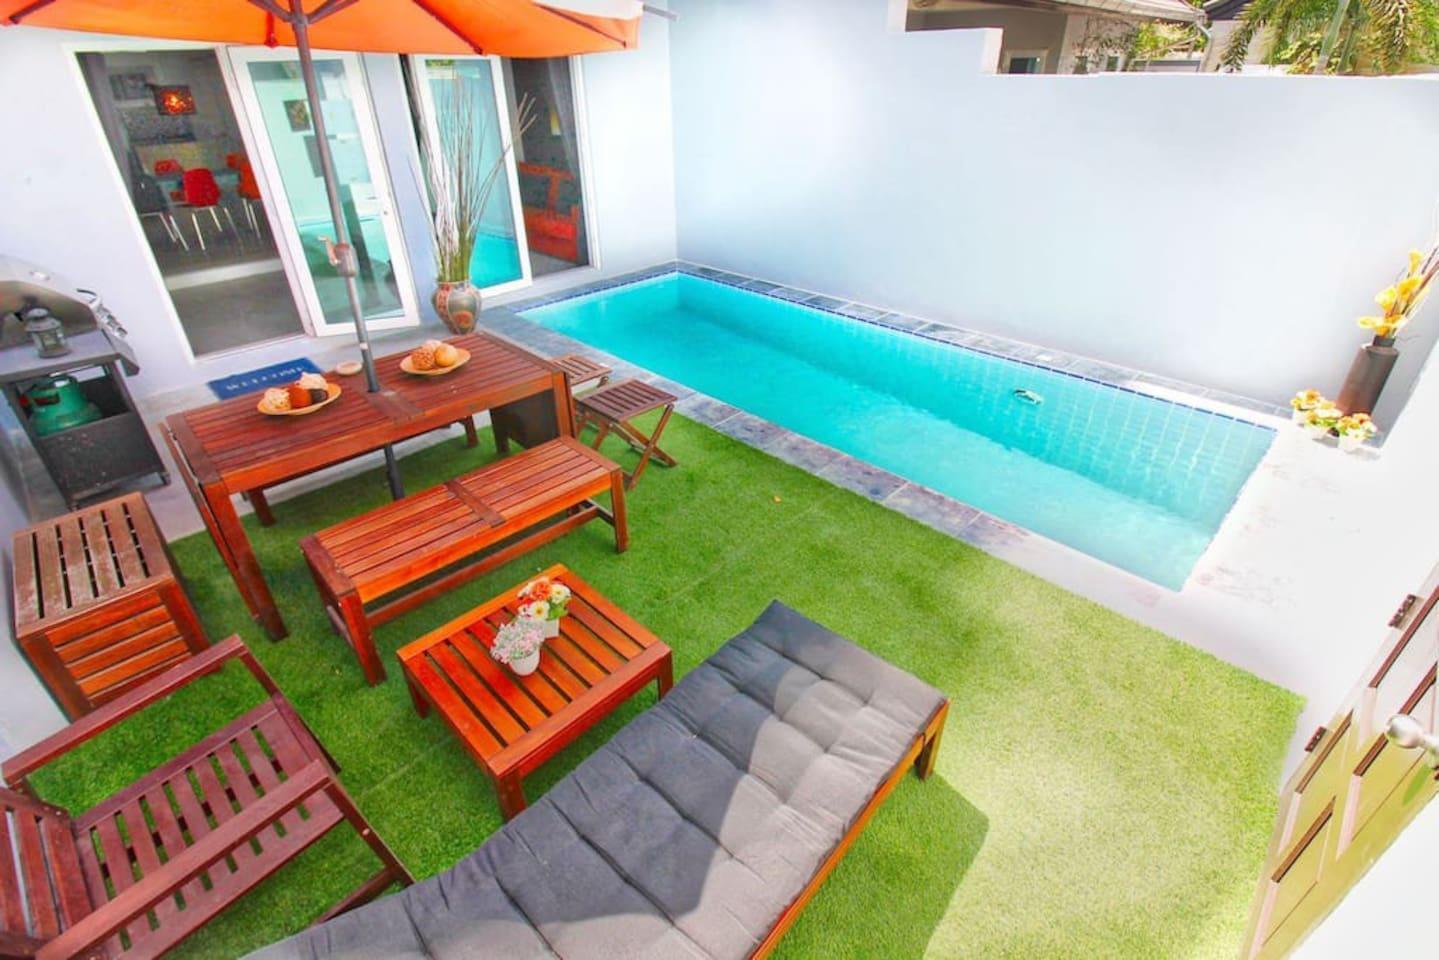 Hideaway Pool Villa - Cozy villa near BEACH! บ้านเดี่ยว 2 ห้องนอน 1 ห้องน้ำส่วนตัว ขนาด 50 ตร.ม. – เขาพระตำหนัก